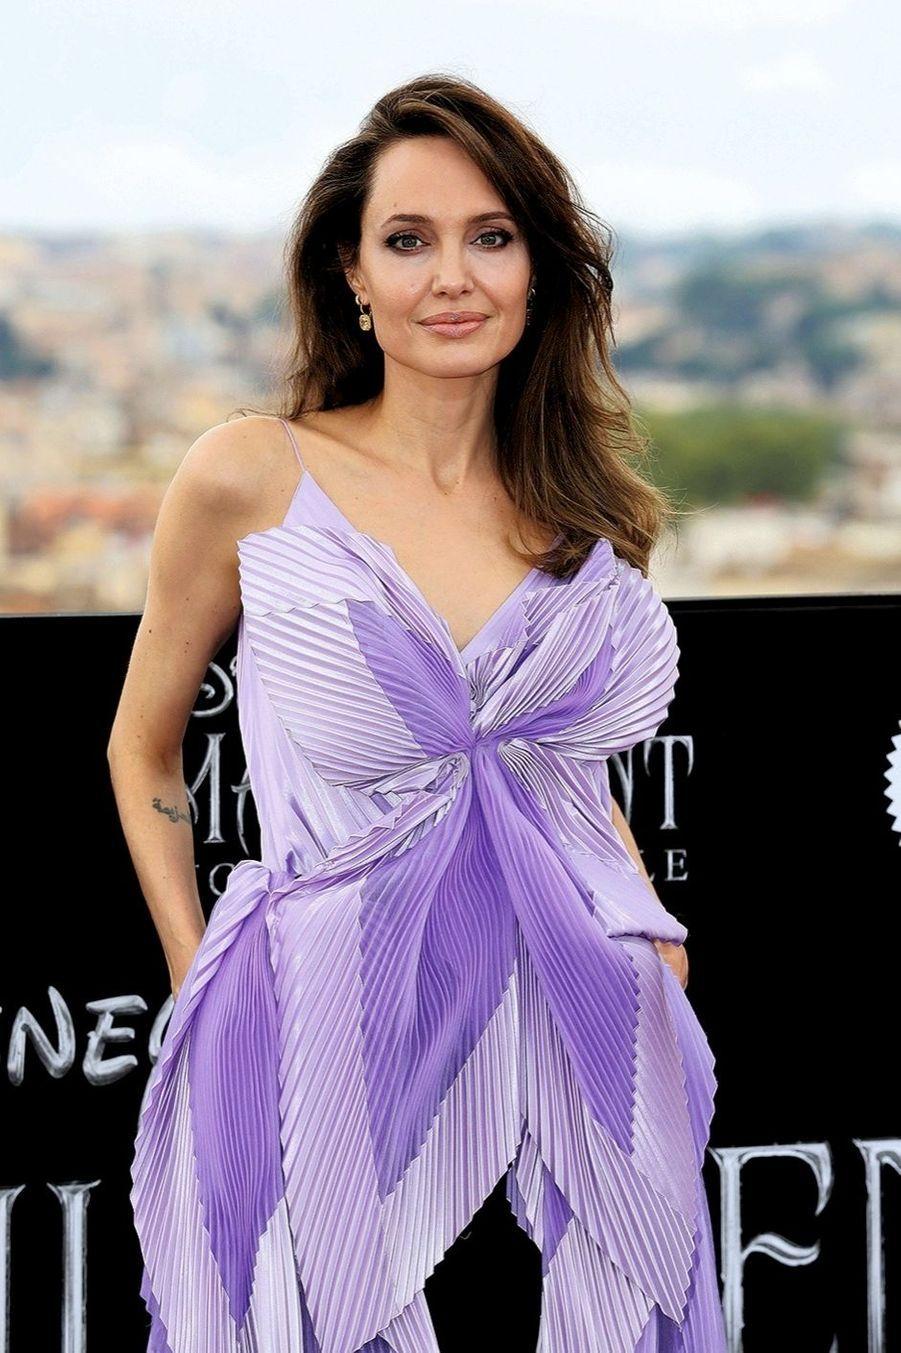 Angelina Jolie 1 MILLION DE DOLLARS Pour l'organisation No Kid Hungry qui lutte contre la faim des enfants pauvres.